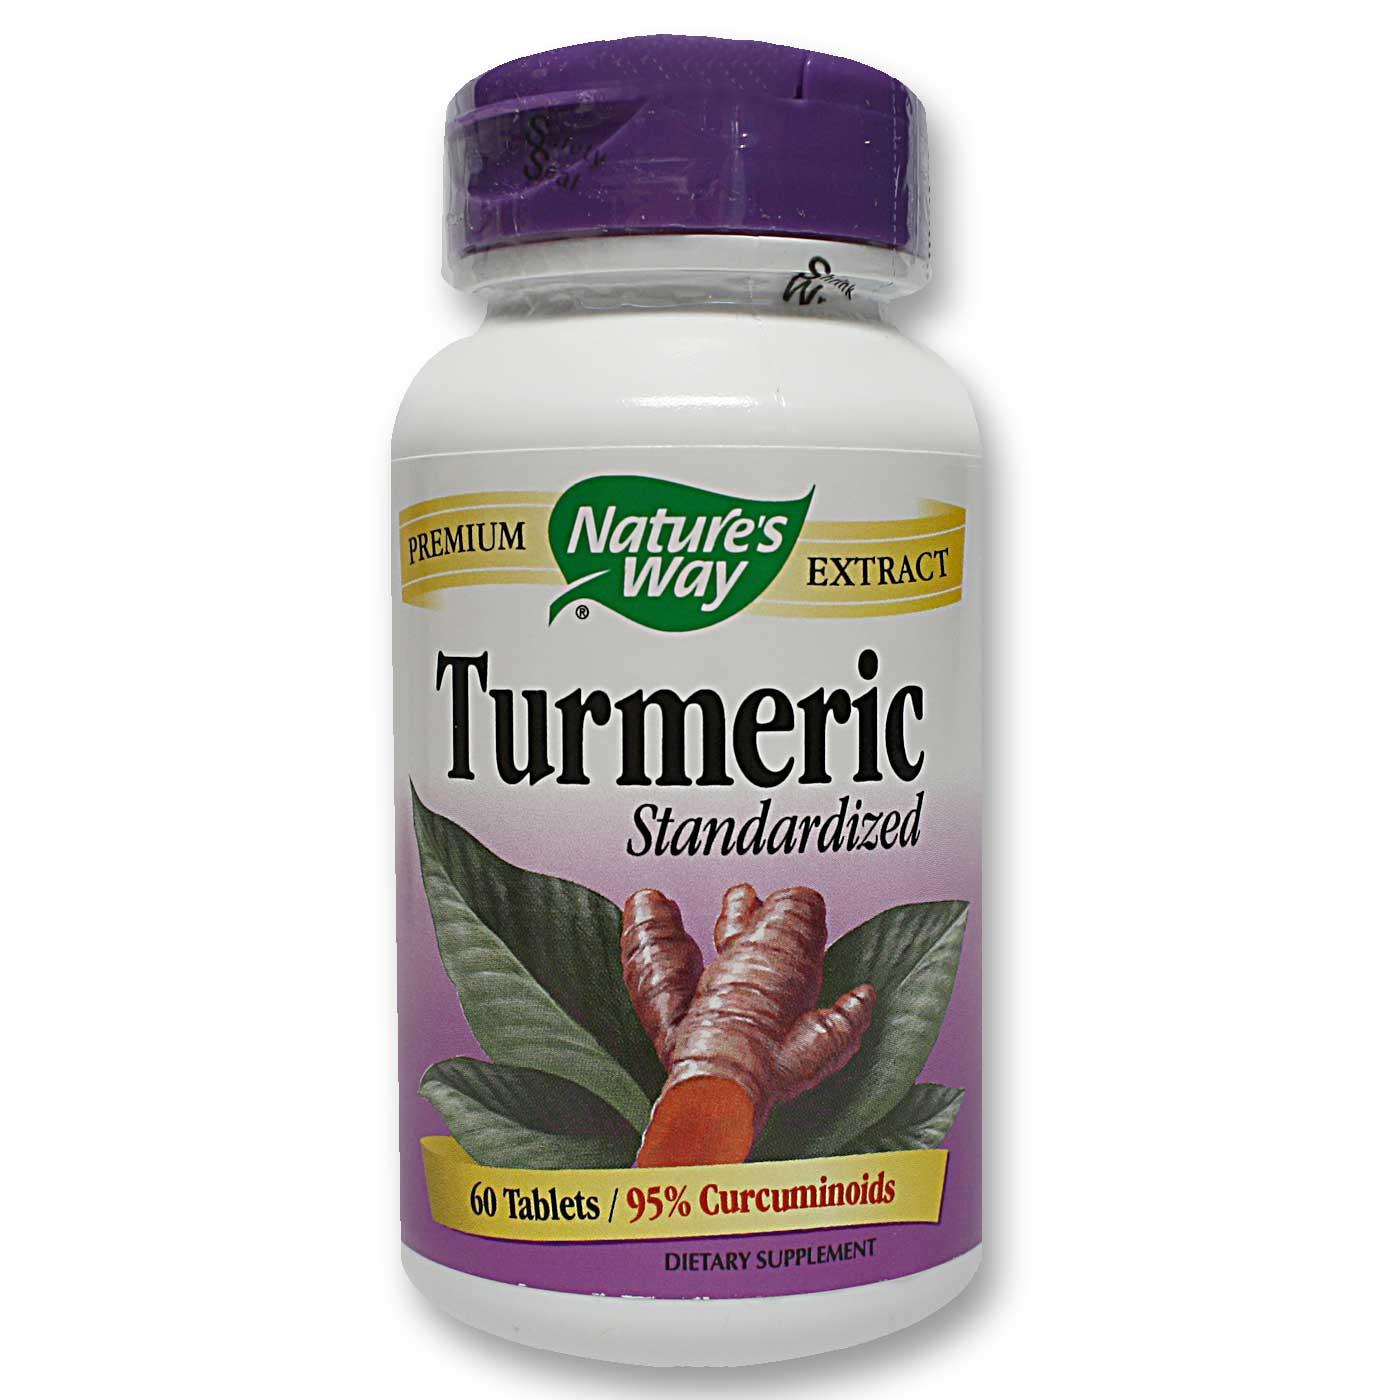 Nature's Way Turmeric - 500 mg - 60 Tablets - eVitamins.com